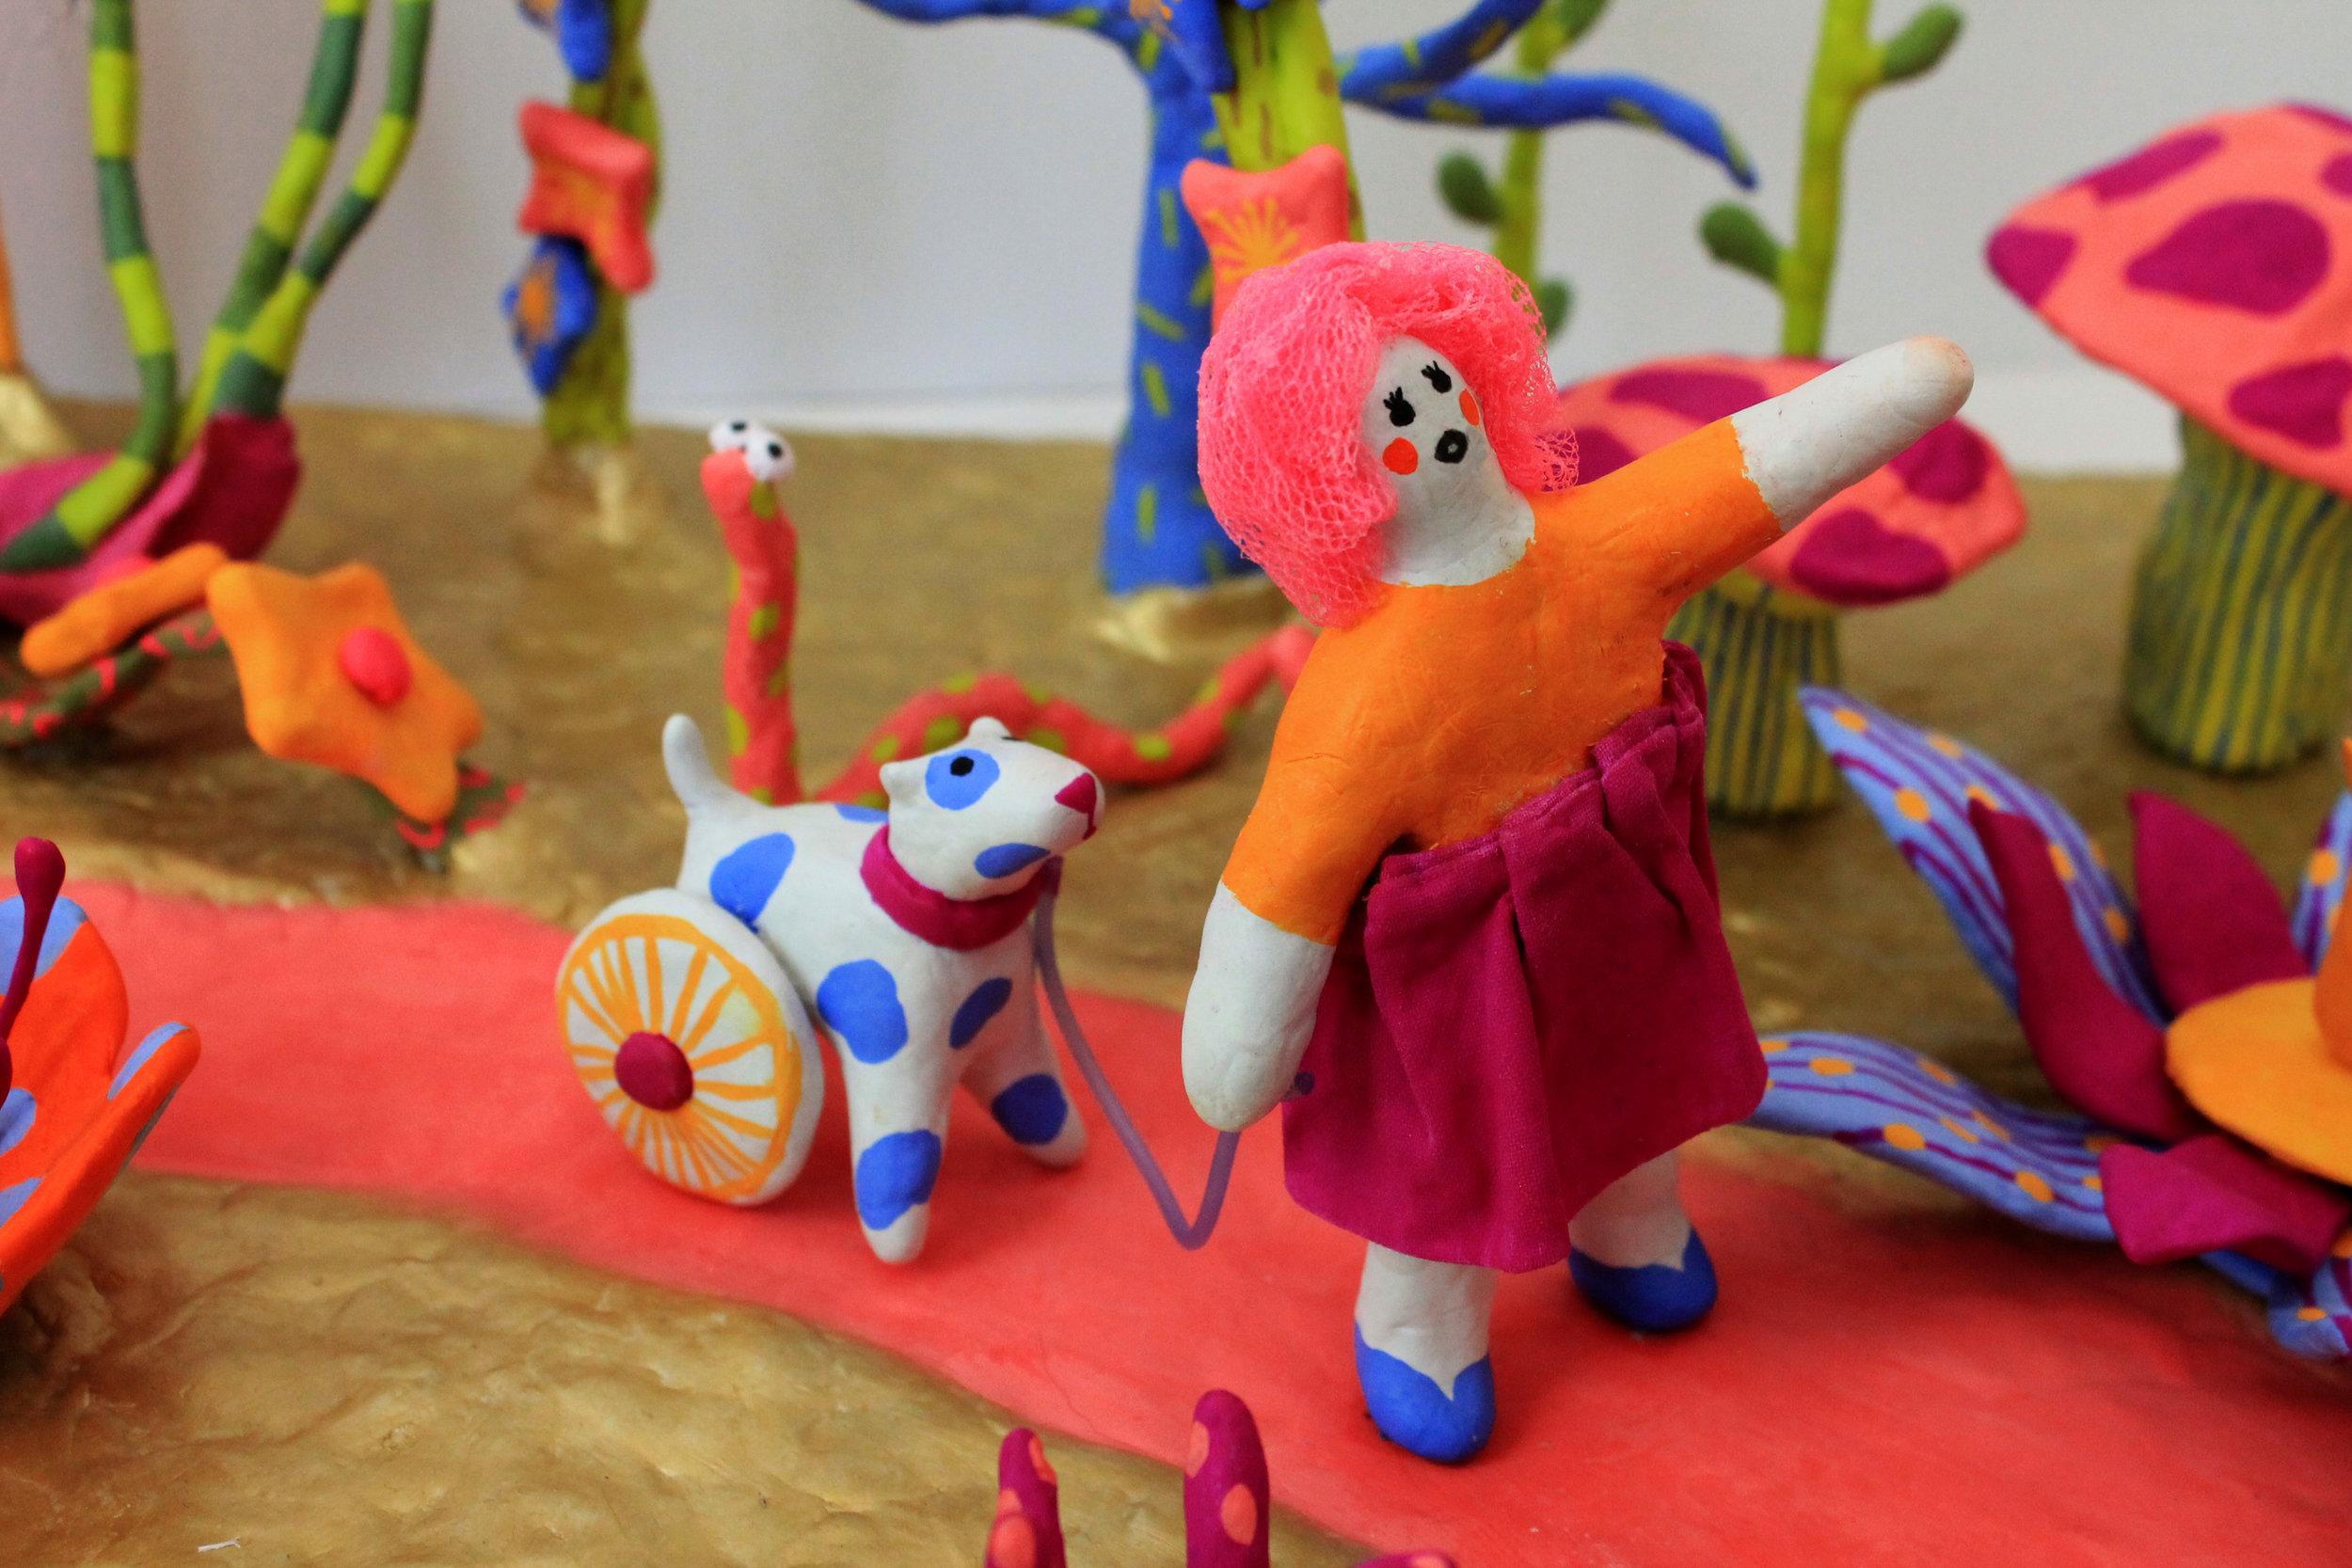 Deepti Sunder - The Whimsical World of JilJil & Boo 1.JPG